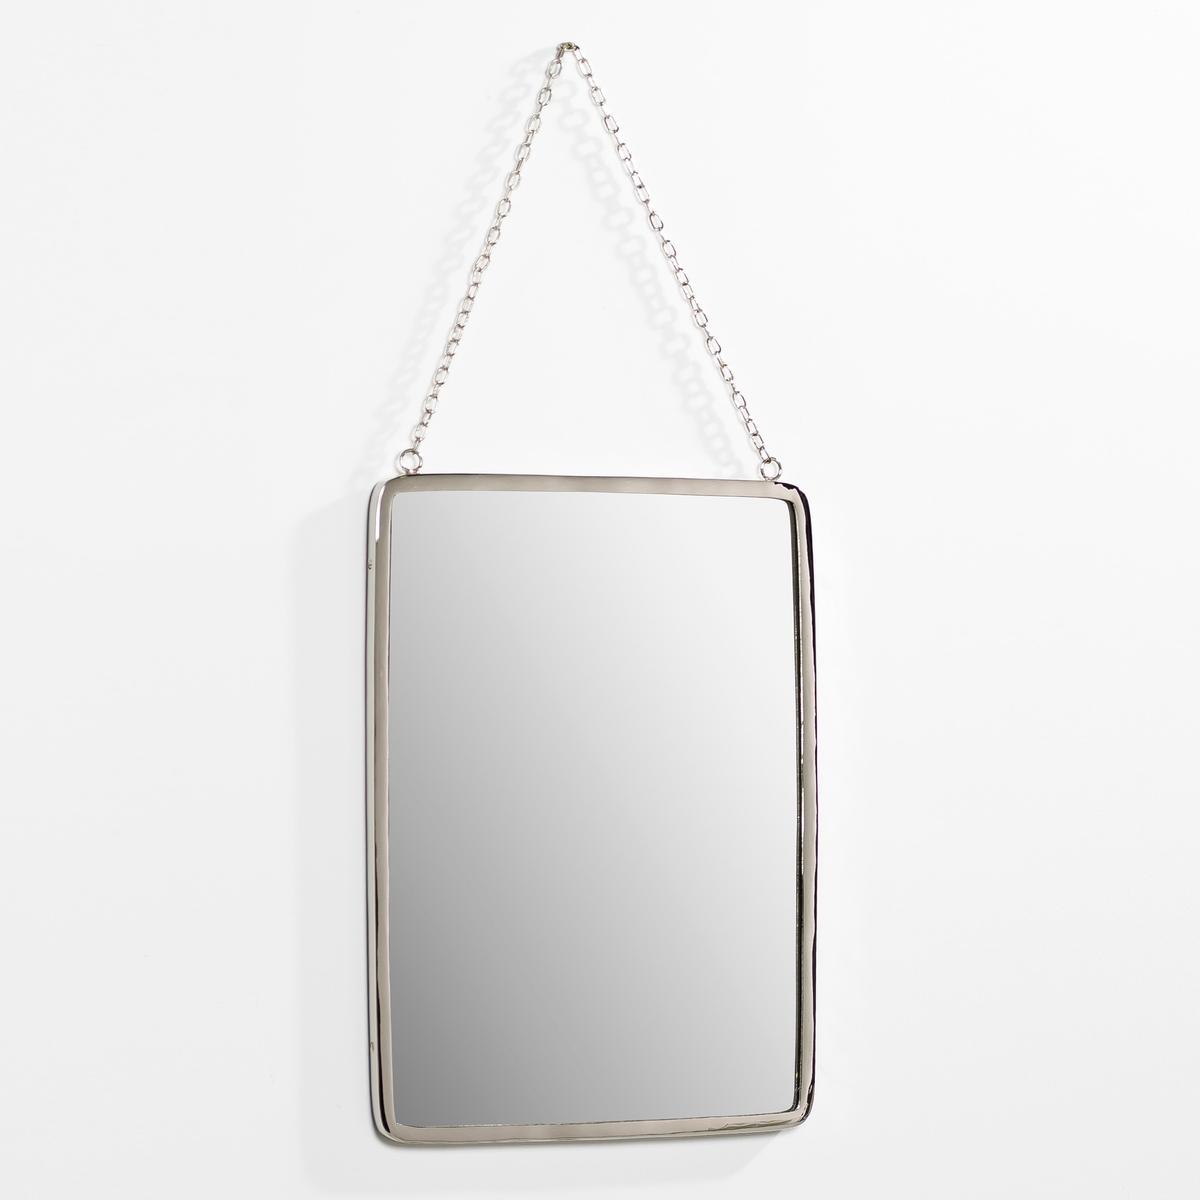 Зеркало прямоугольное. большой размер Д37 x В52 см, BarbierЗеркало в старинном стиле. Характеристики: :- Рамка из никелированной латуни  . - Цепочка-подвеска из металла с никелевым покрытием  . Размеры  : - Шир.37 x В.52 см.<br><br>Цвет: безцветный